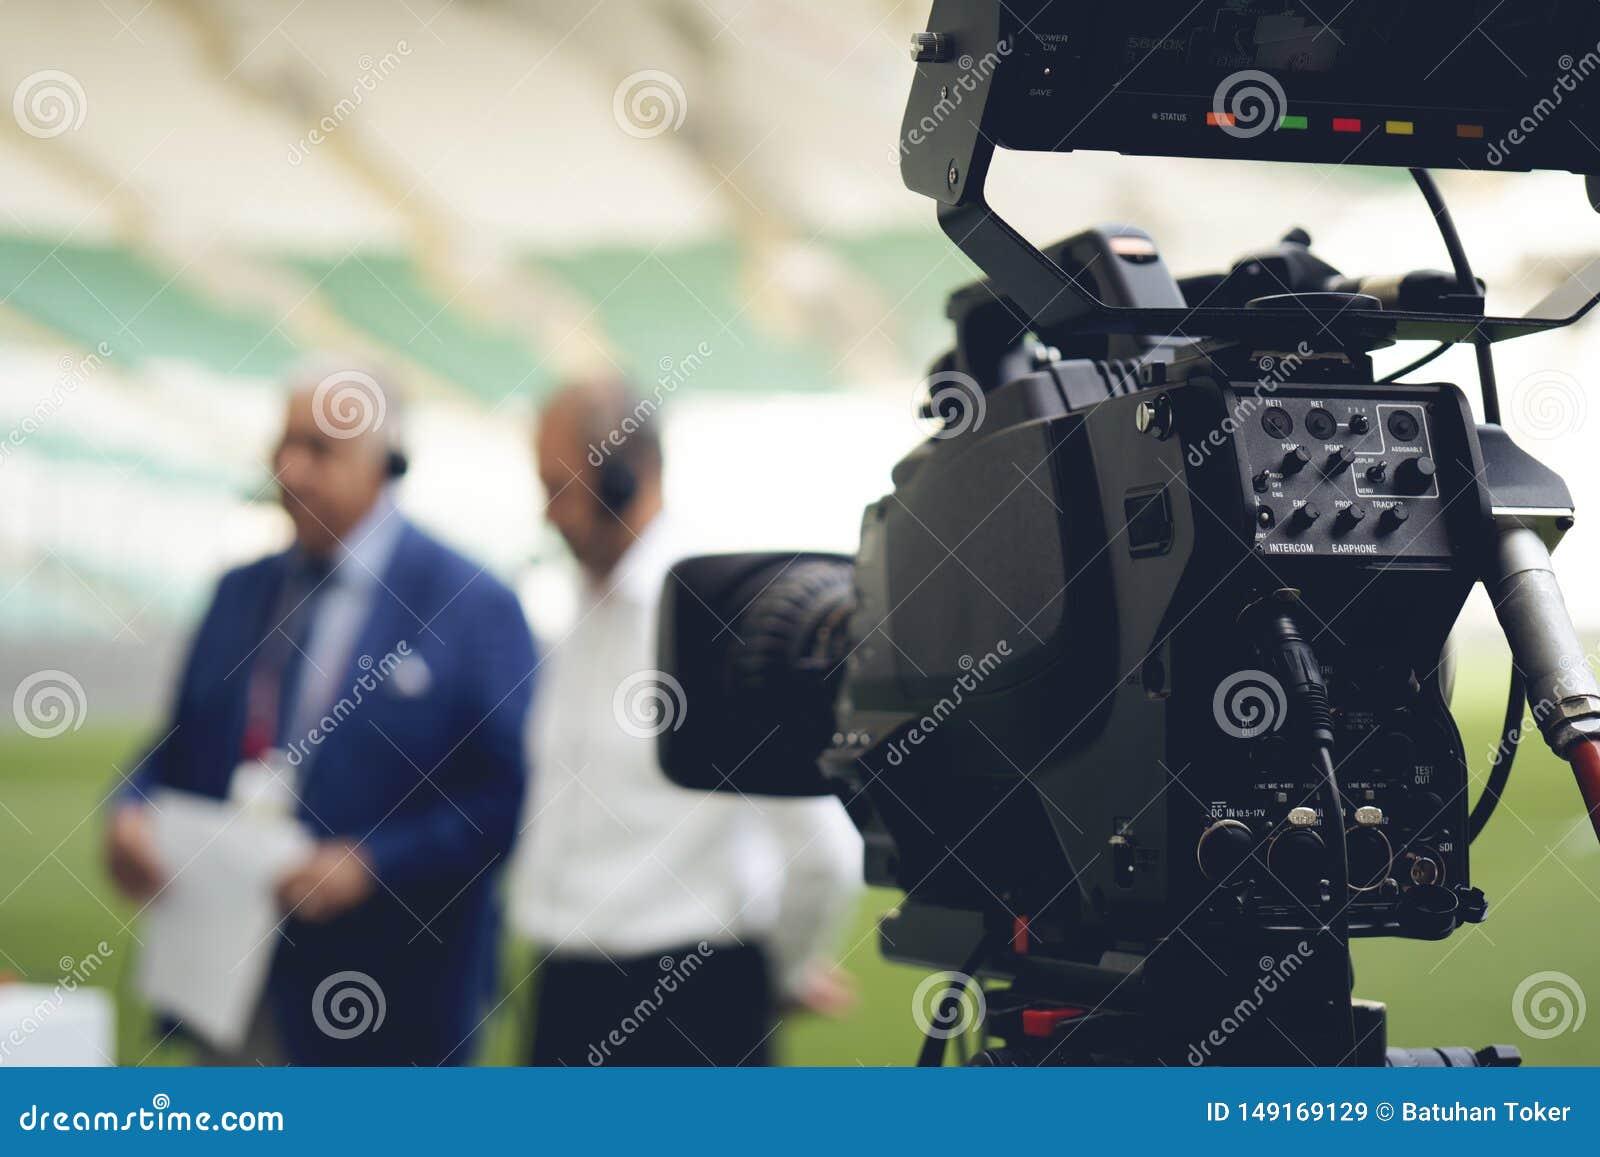 摄像头透镜-记录的展示在电视演播室-焦点